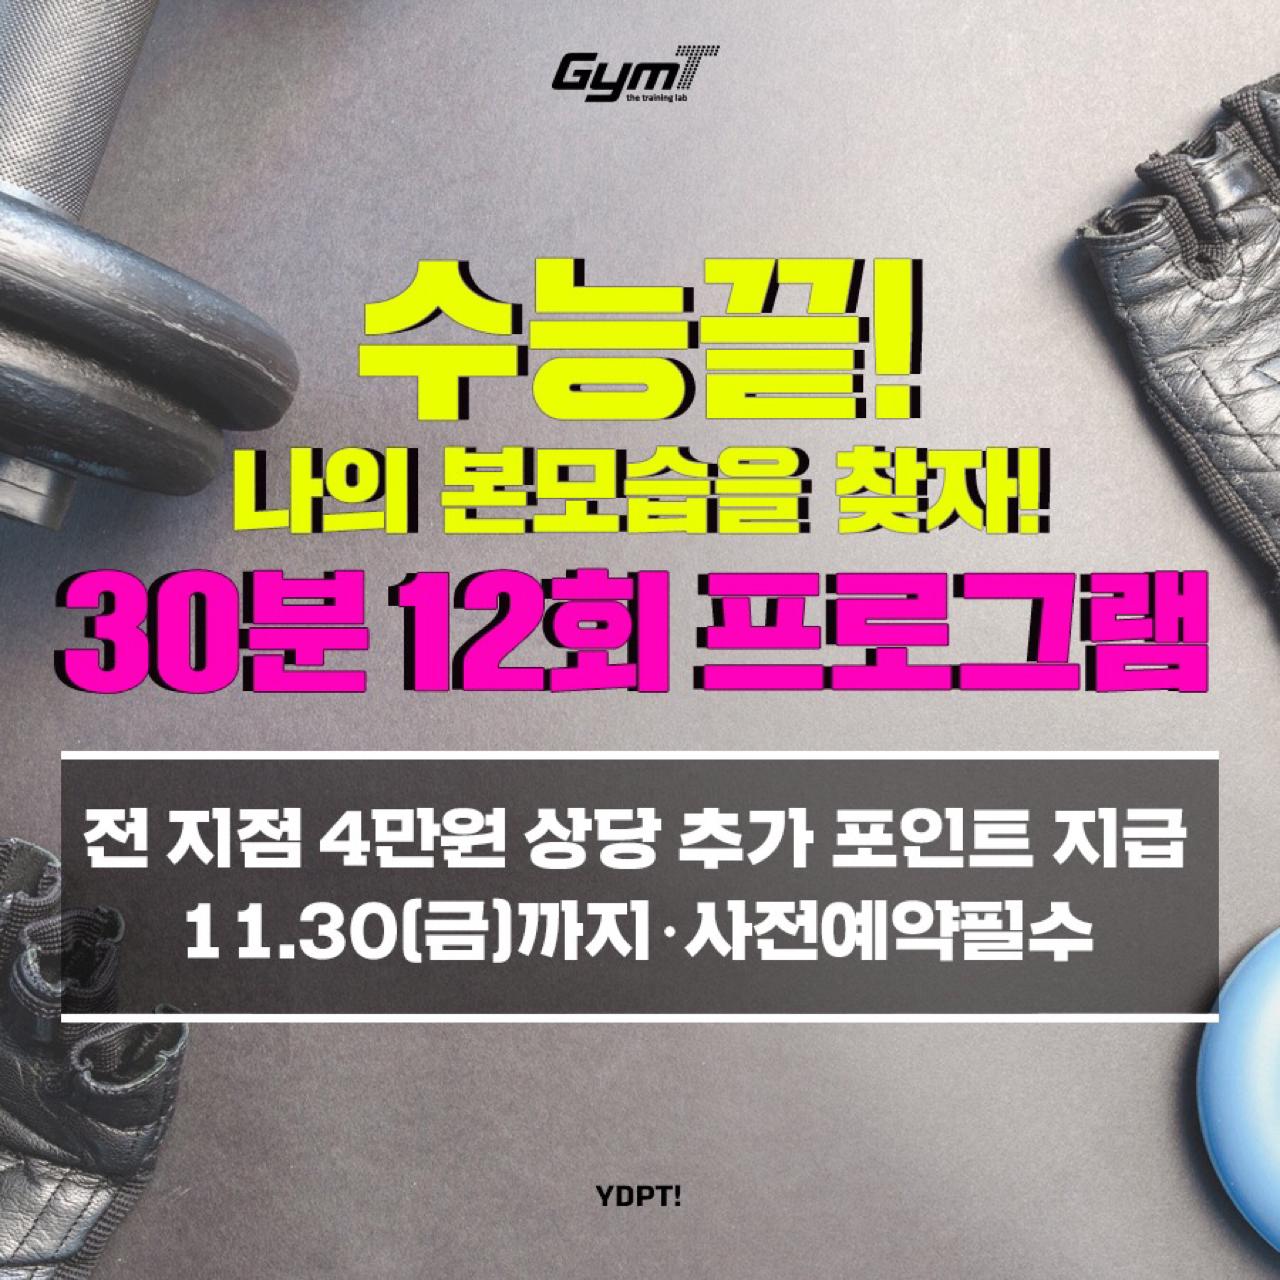 프라이빗 PT GymT 수험생 특가 프로모션(~11/30)